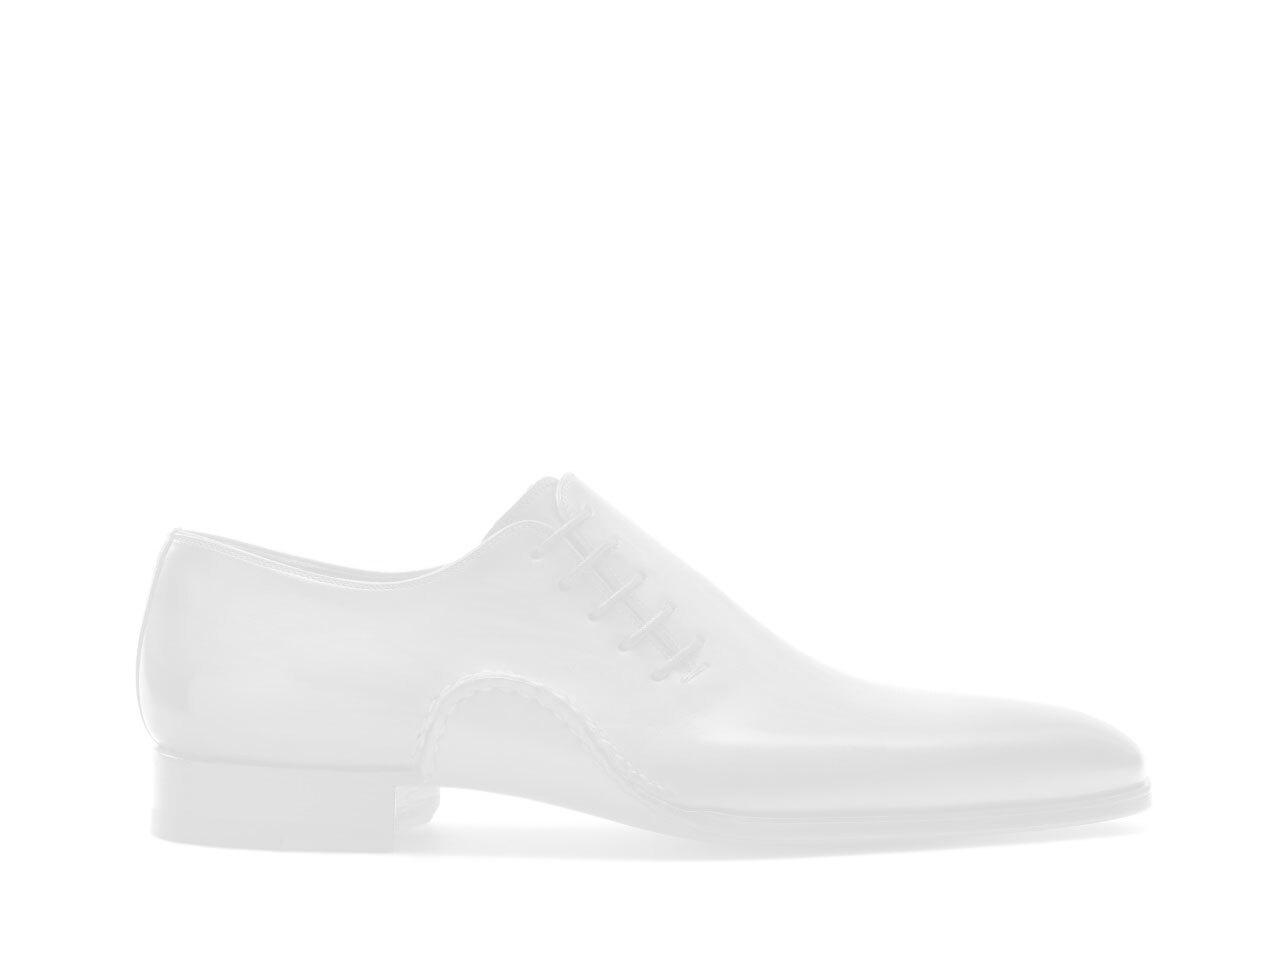 Sole of the Magnanni Bolo Cognac Men's Oxford Shoes